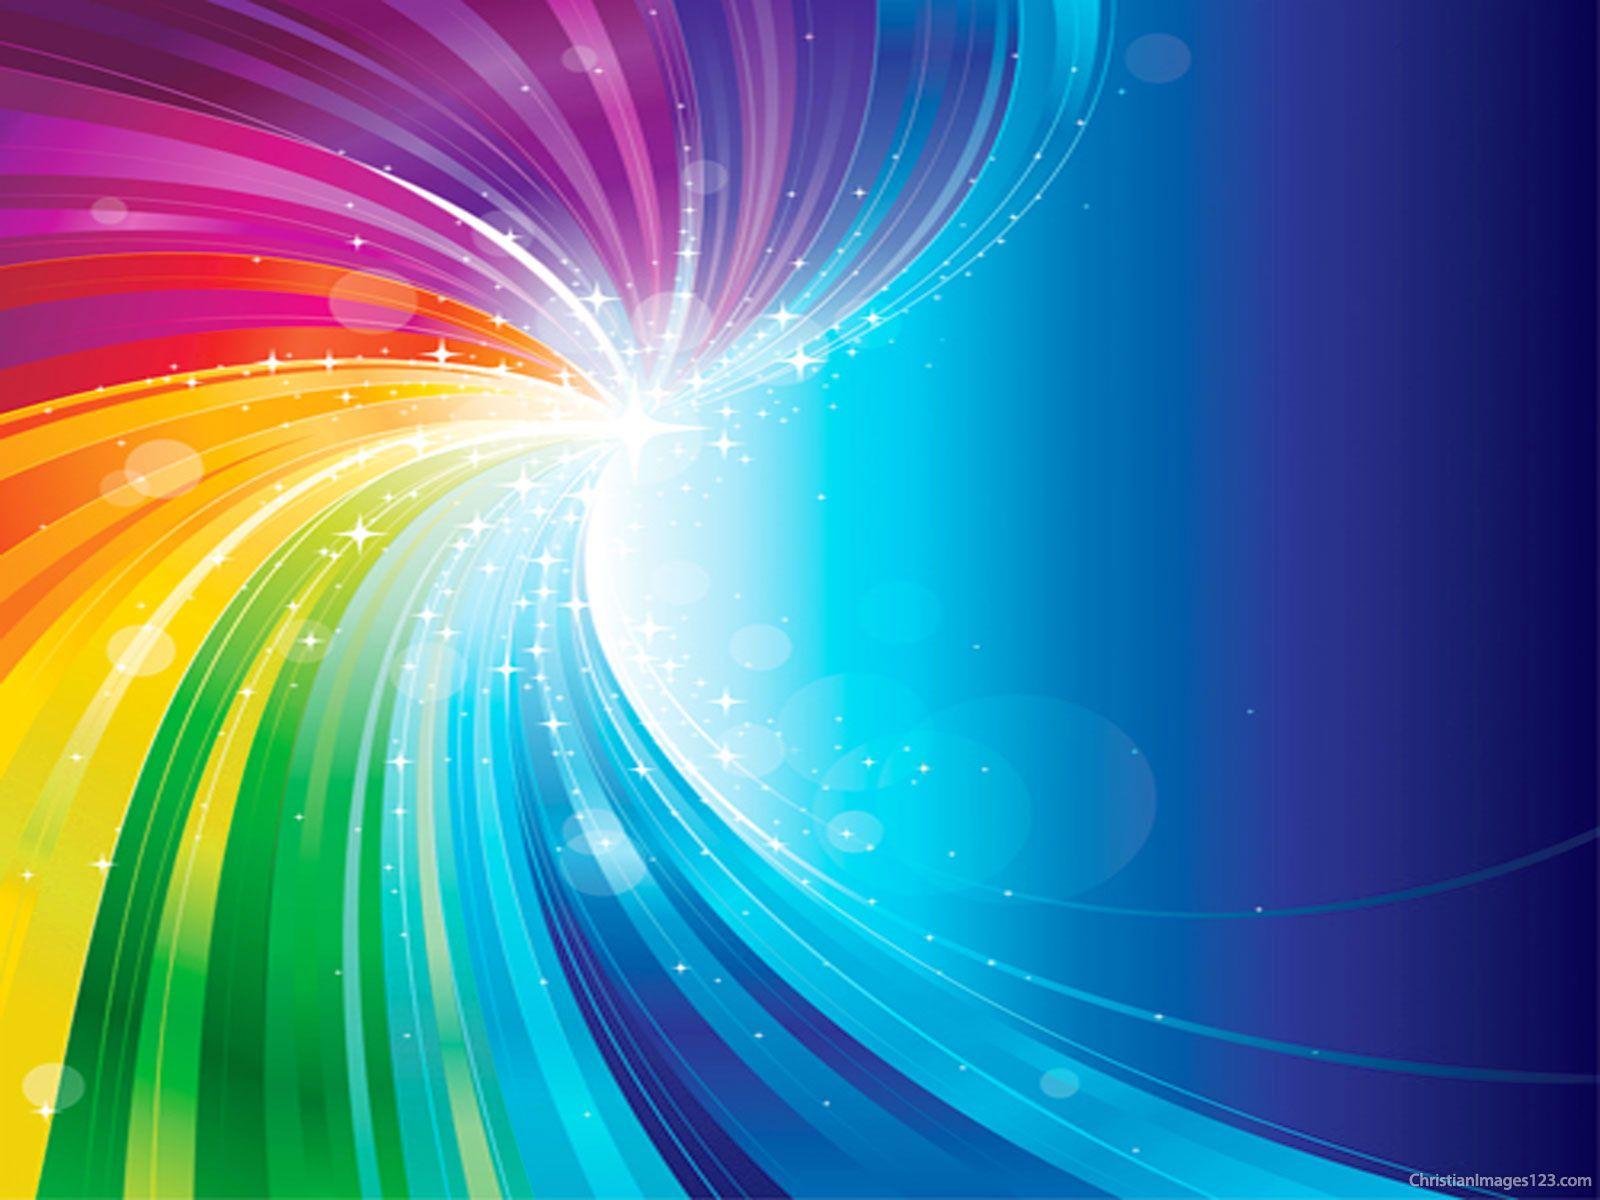 rainbowmodernbackgroundforpowerpoint.jpg (1600×1200